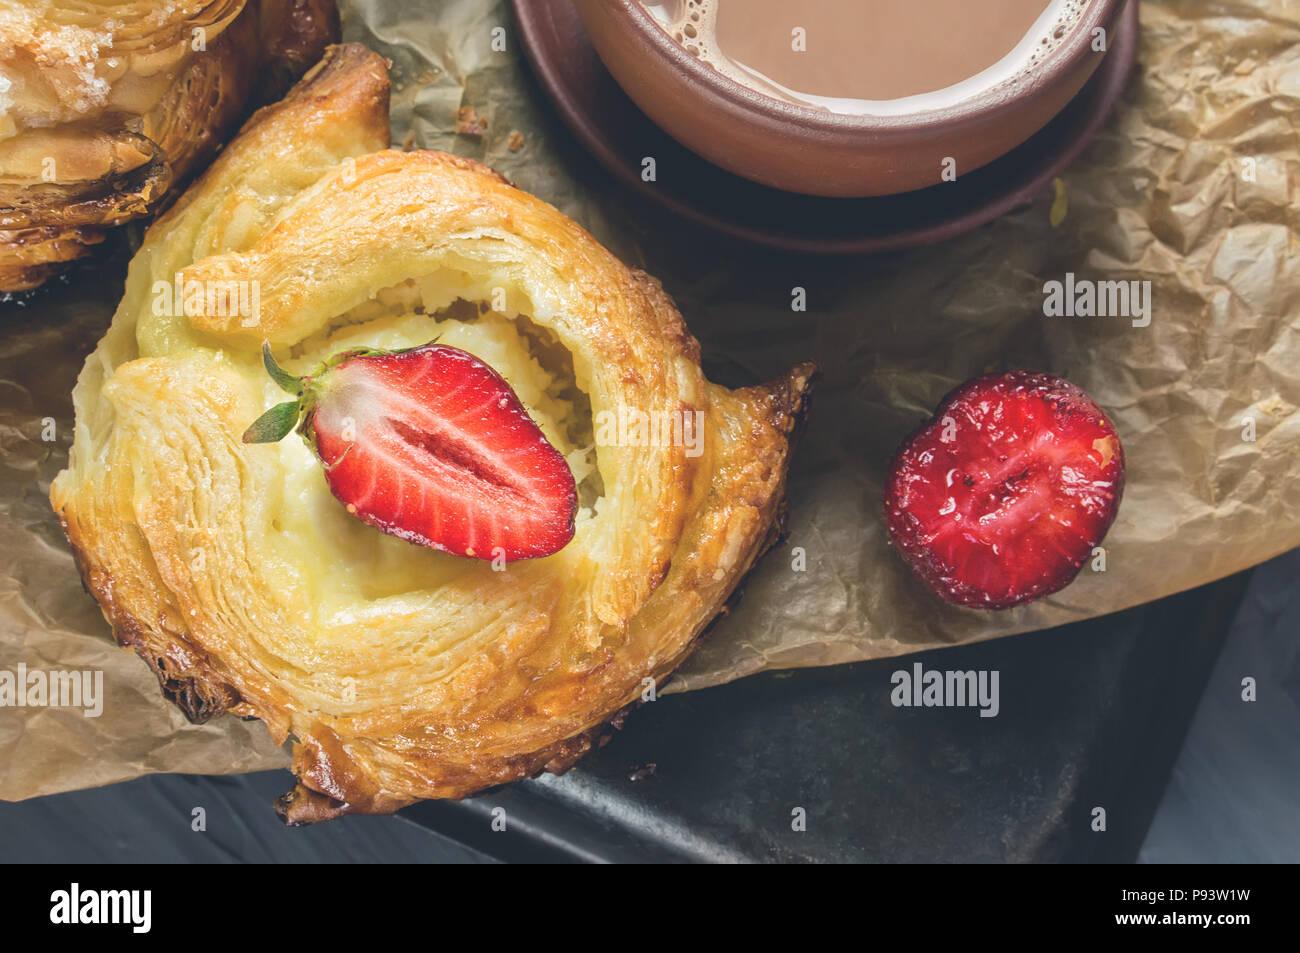 Rouleaux de pâte feuilletée et du fromage, de l'européen. Pains faits maison pour le thé. Photo Stock